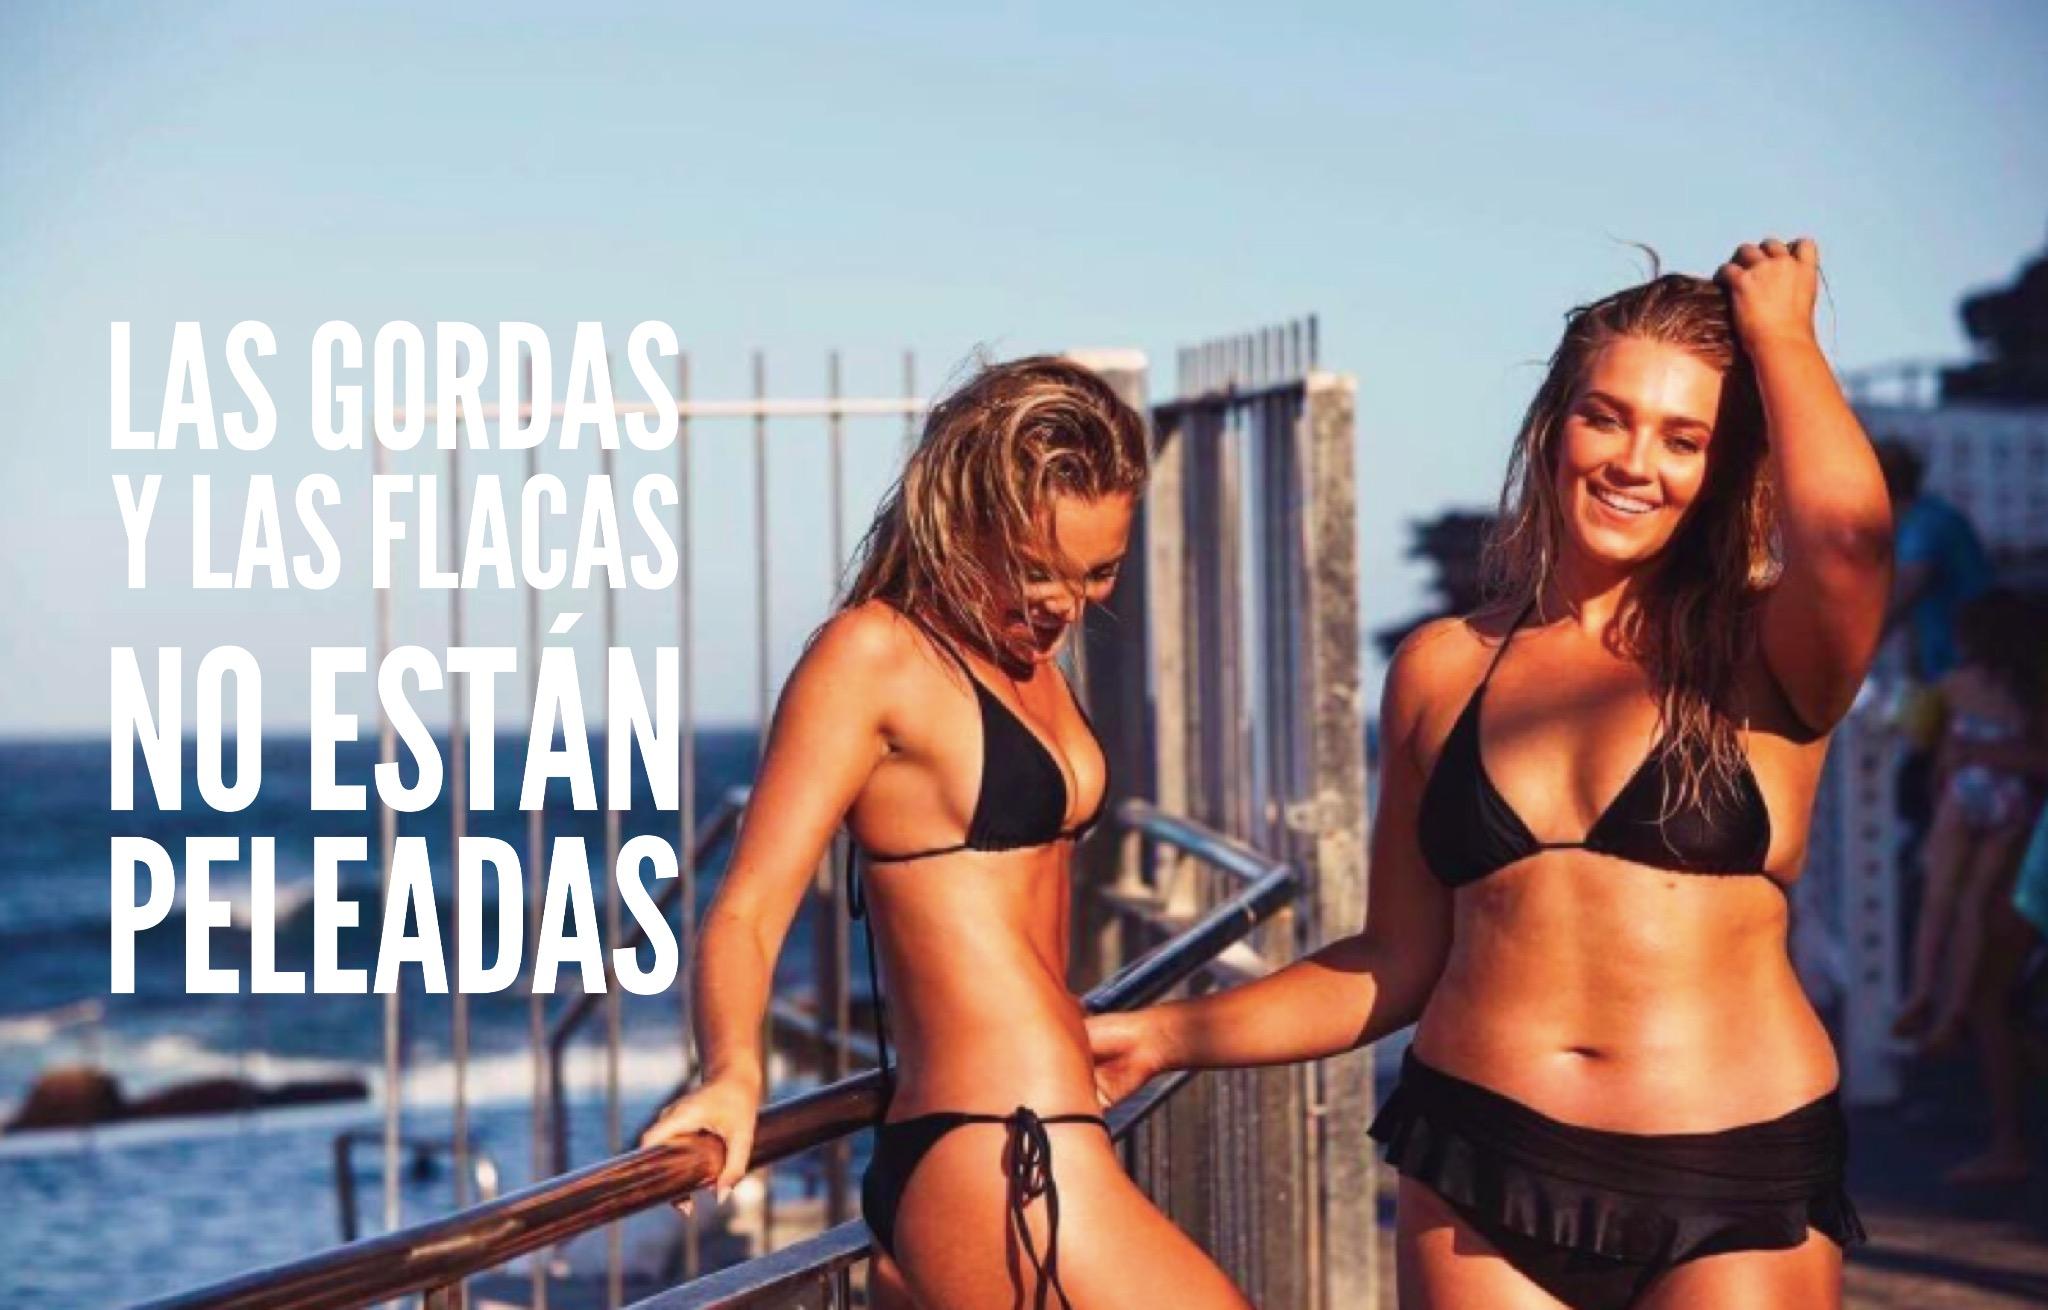 Gorda-flaca-amigas-modelo-pelea-australianas-curvy-plus-size-tallas-grandes-amistad-mujeres-feminismo-peso-talla